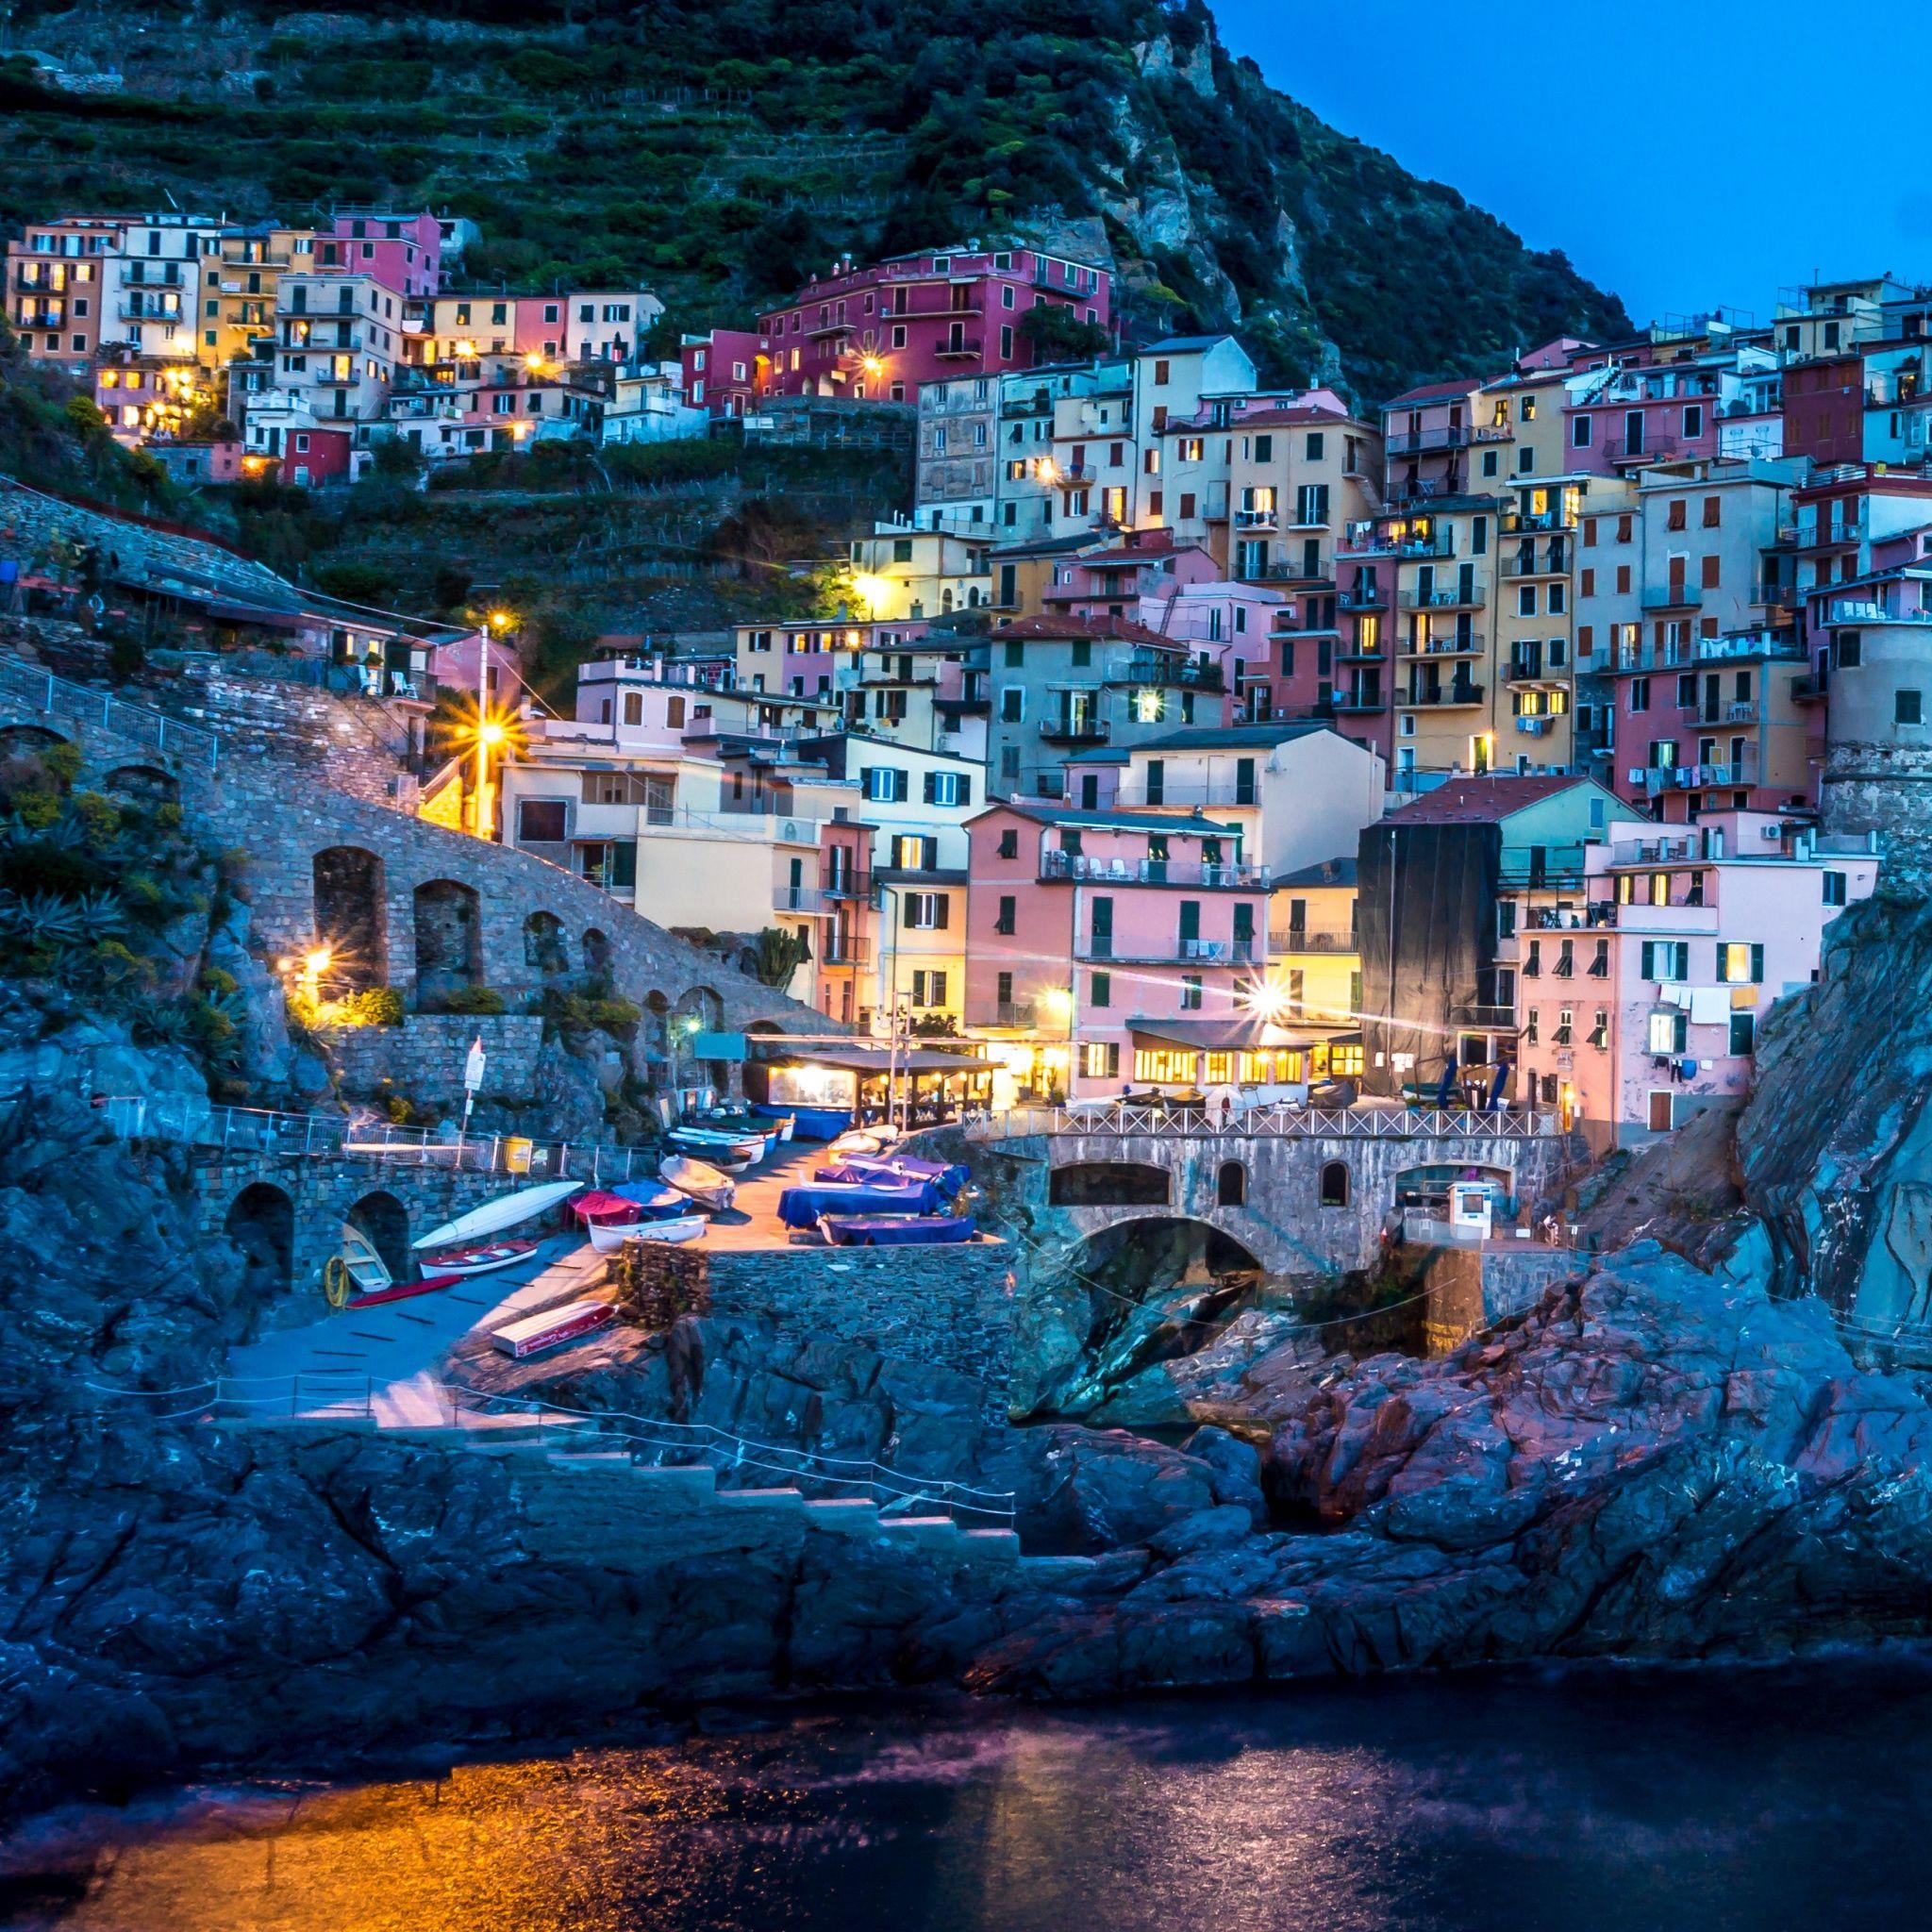 海辺の町 旅行参考イメージまとめ 景色 美しい場所